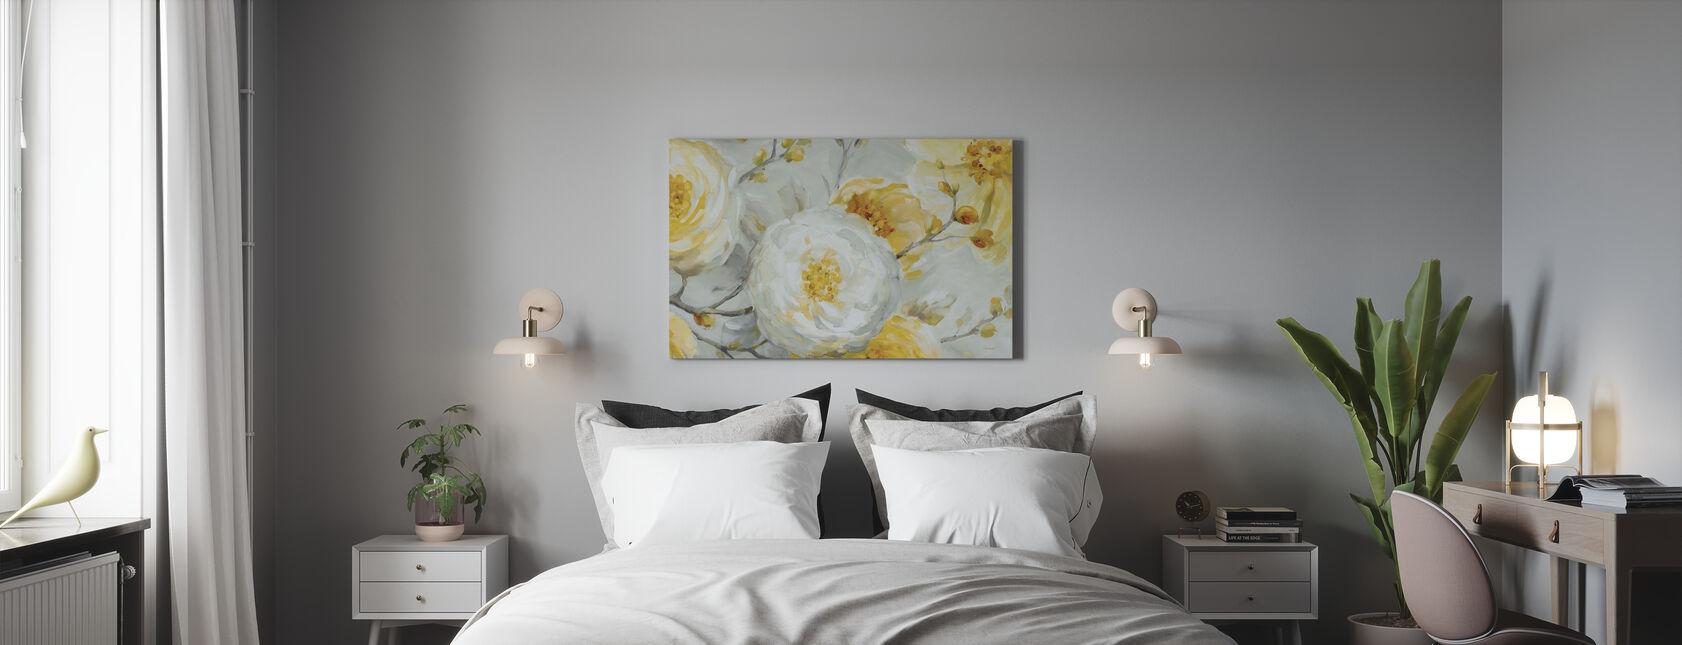 Sole - Stampa su tela - Camera da letto